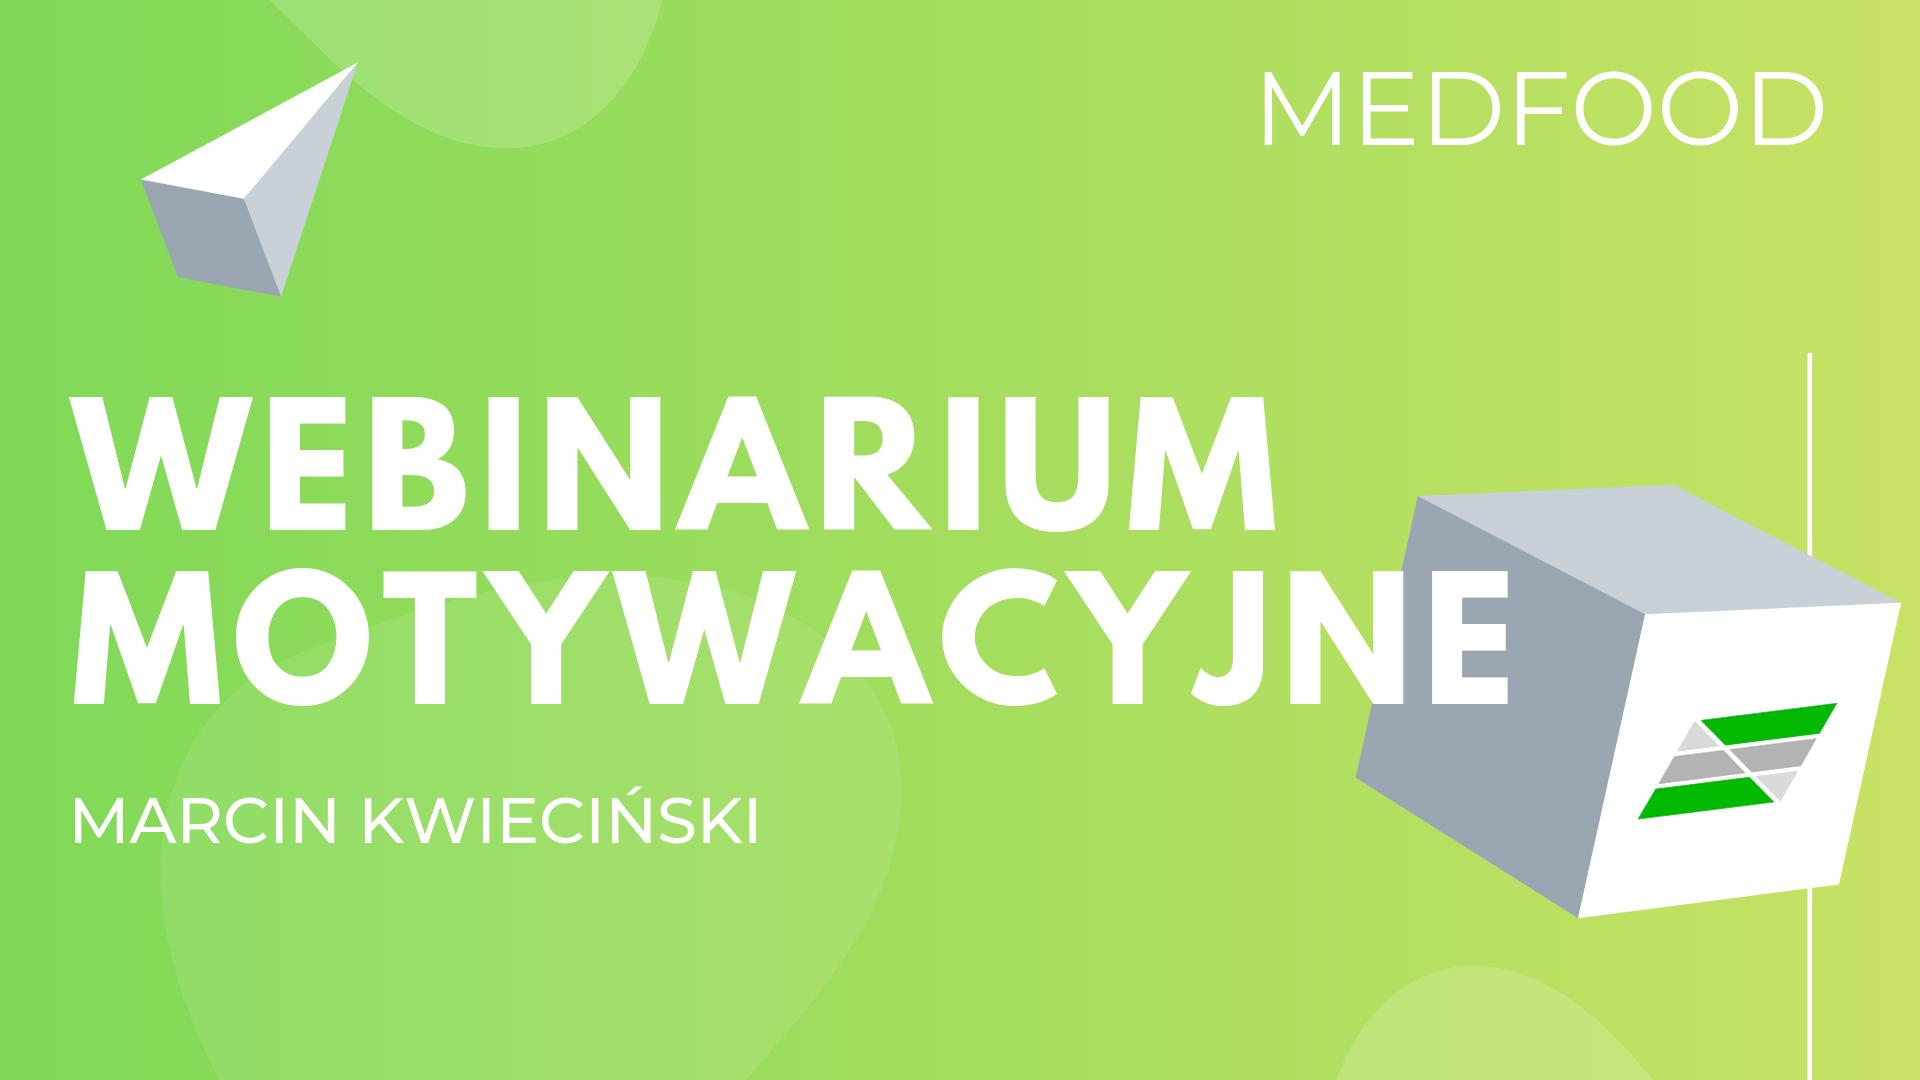 Webinarium motywacyjne – już wkrótce!